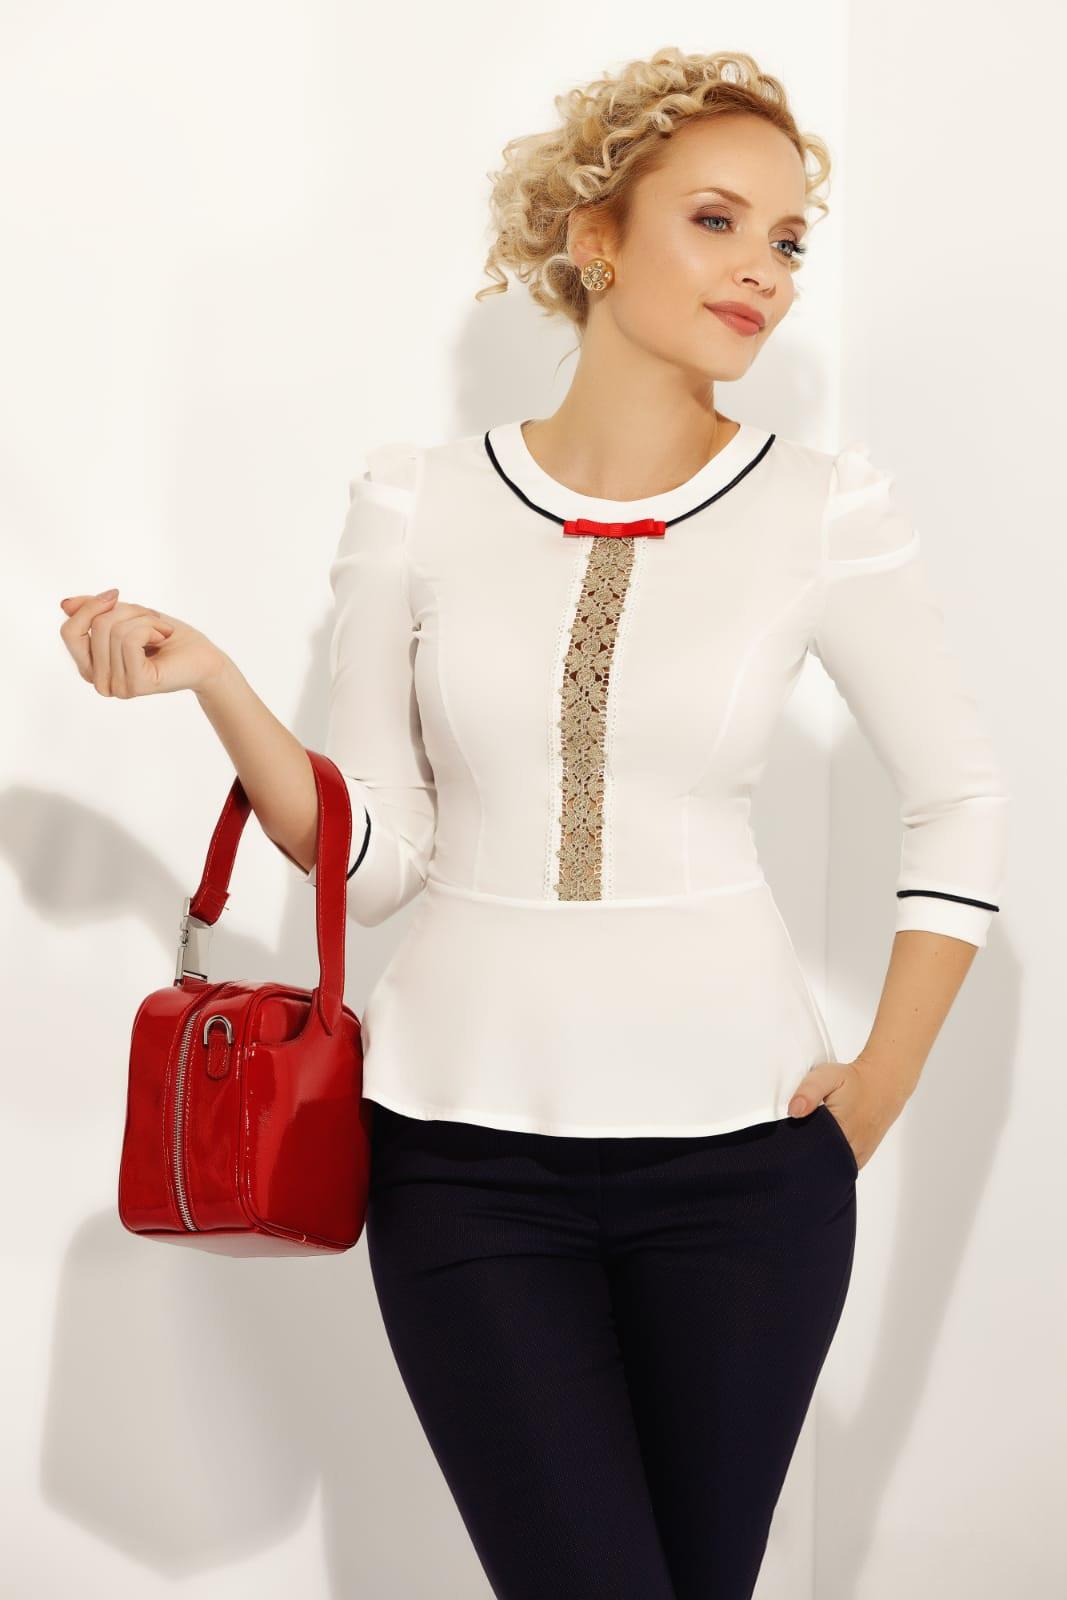 Fehér Fofy női ing irodai szűk szabás enyhén elasztikus pamut peplummal